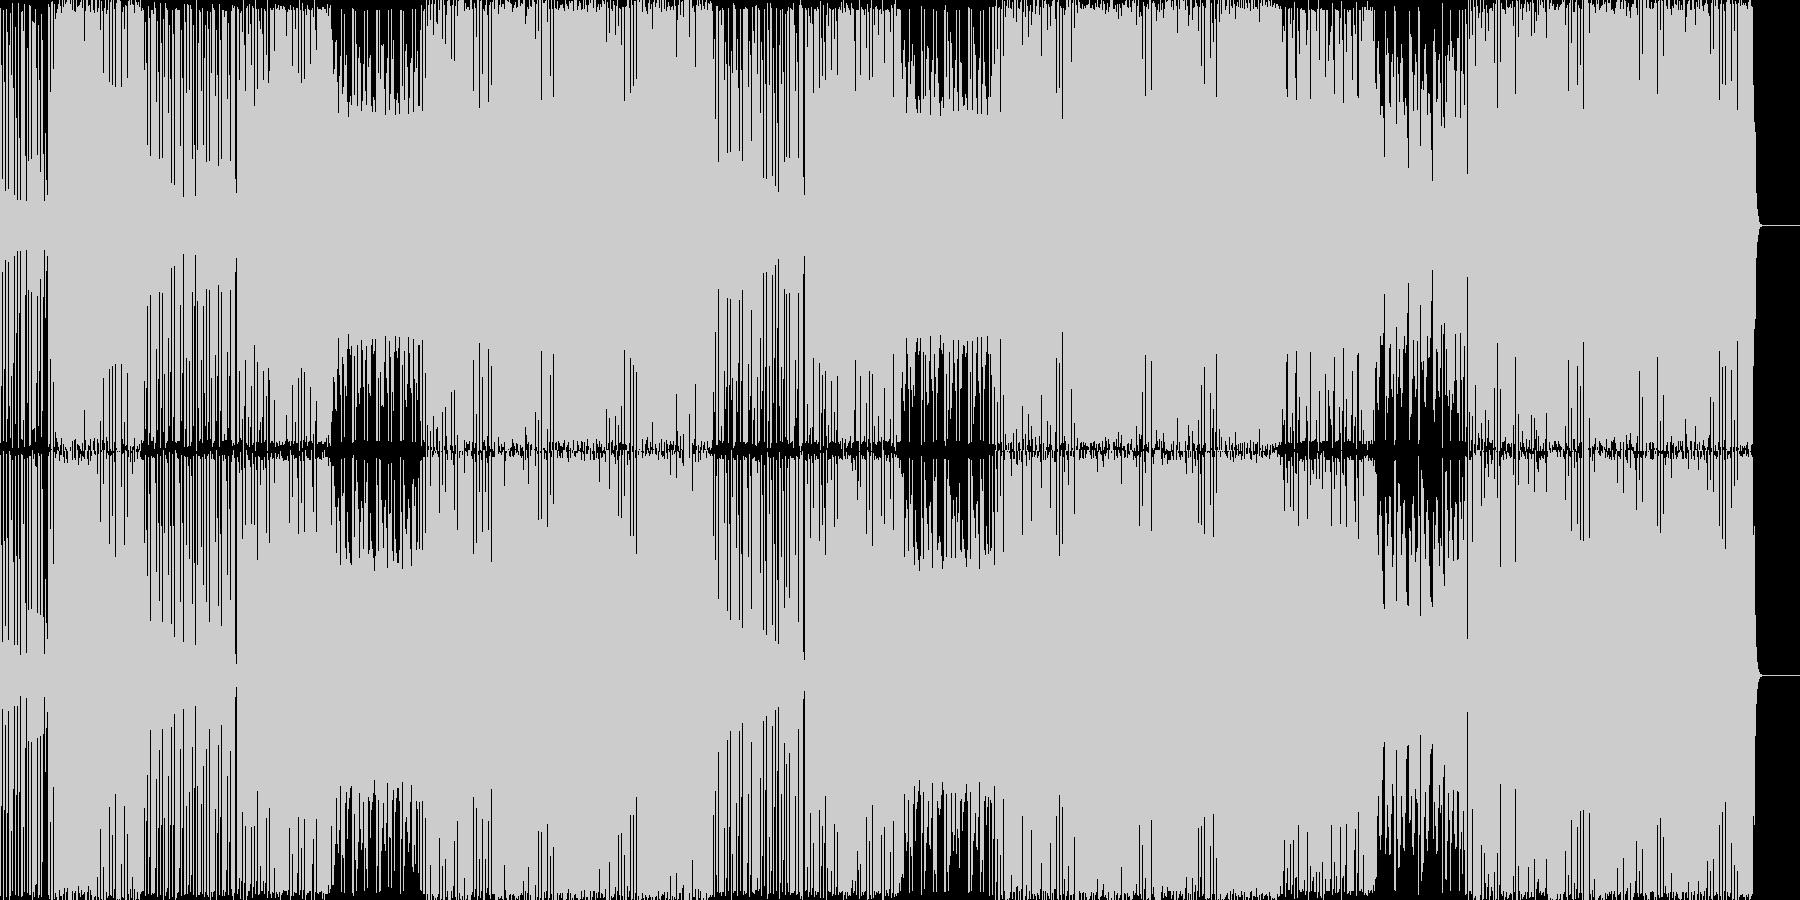 超重低音/ラップビート/パーティーの未再生の波形